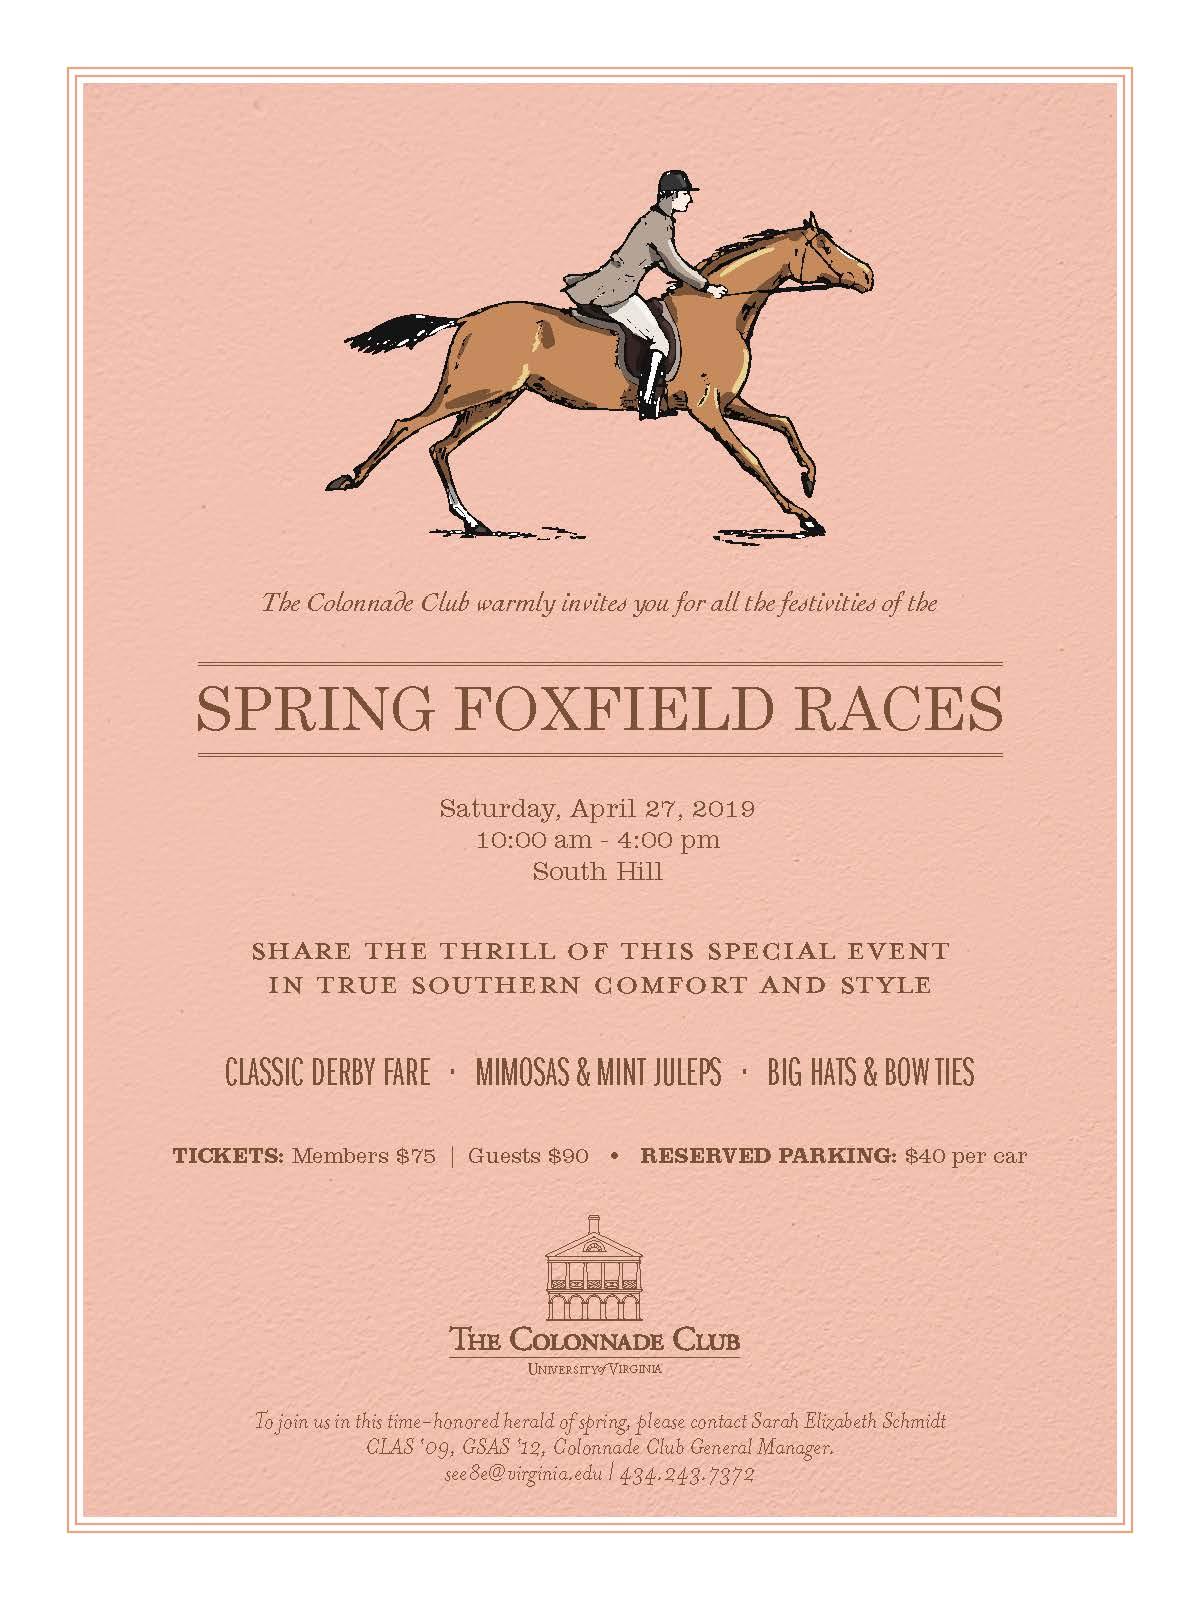 CC Foxfield E-blast Invite.jpg